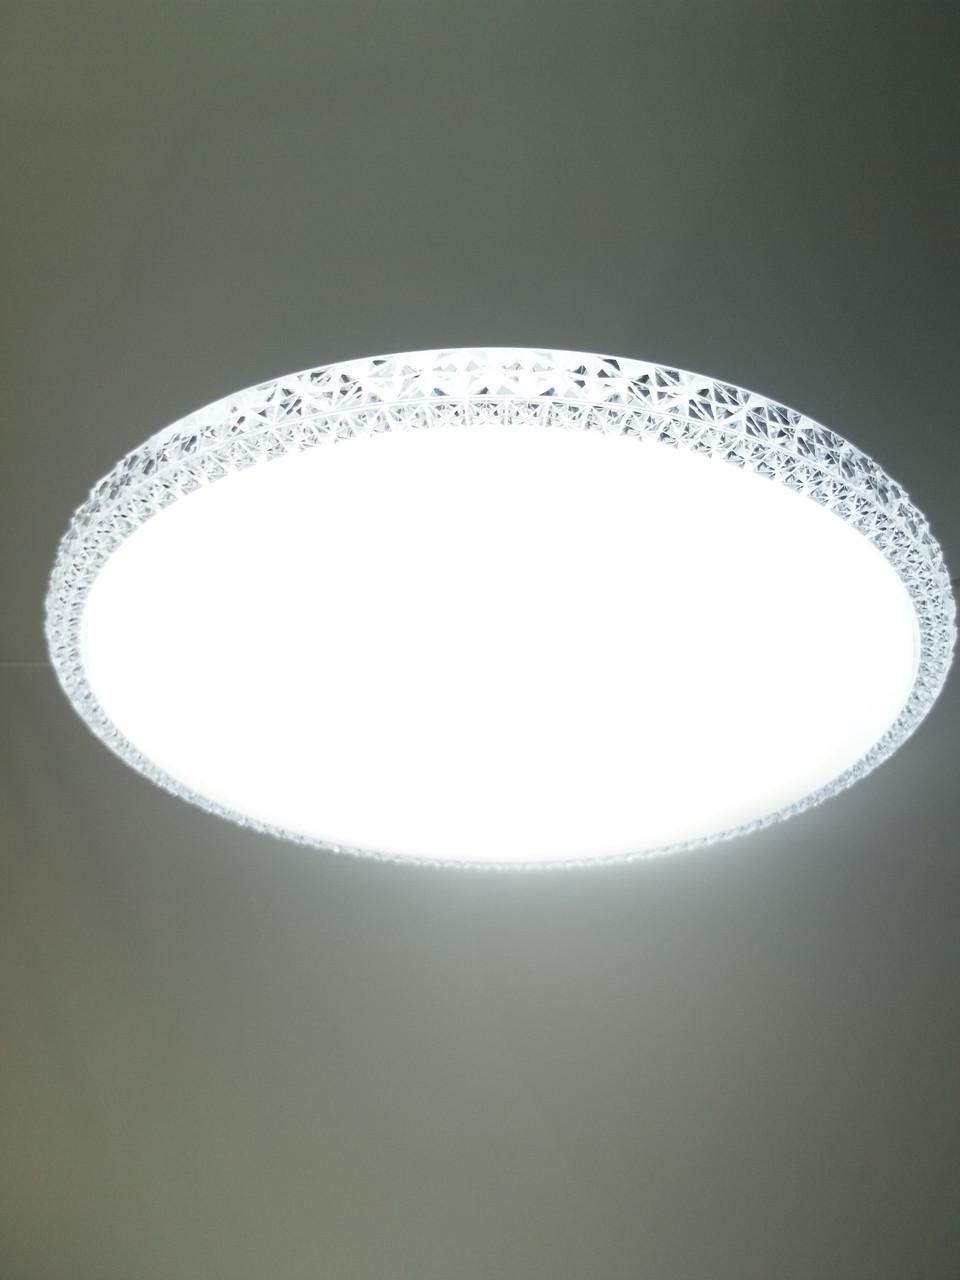 Потолочный LED cветильник SMART 100W-016 с пультом ДУ